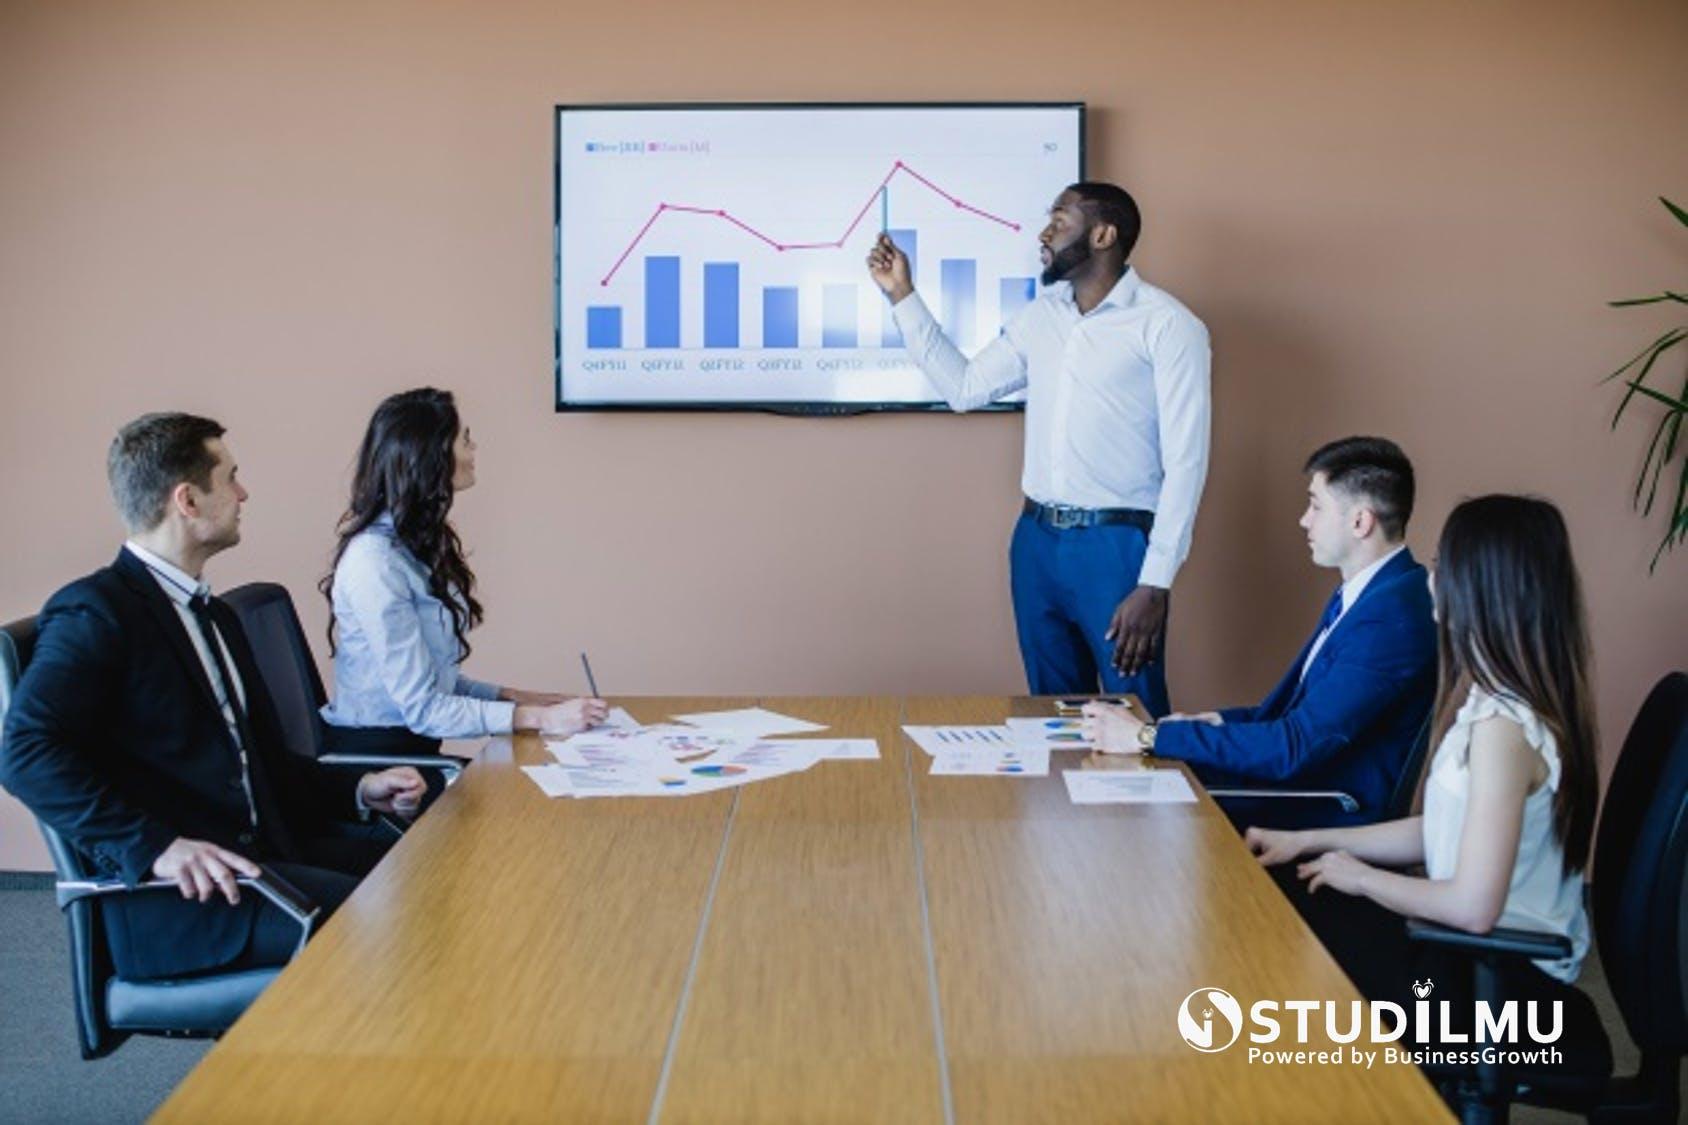 STUDILMU Career Advice - Pengolahan Data dengan Desain Dashboard